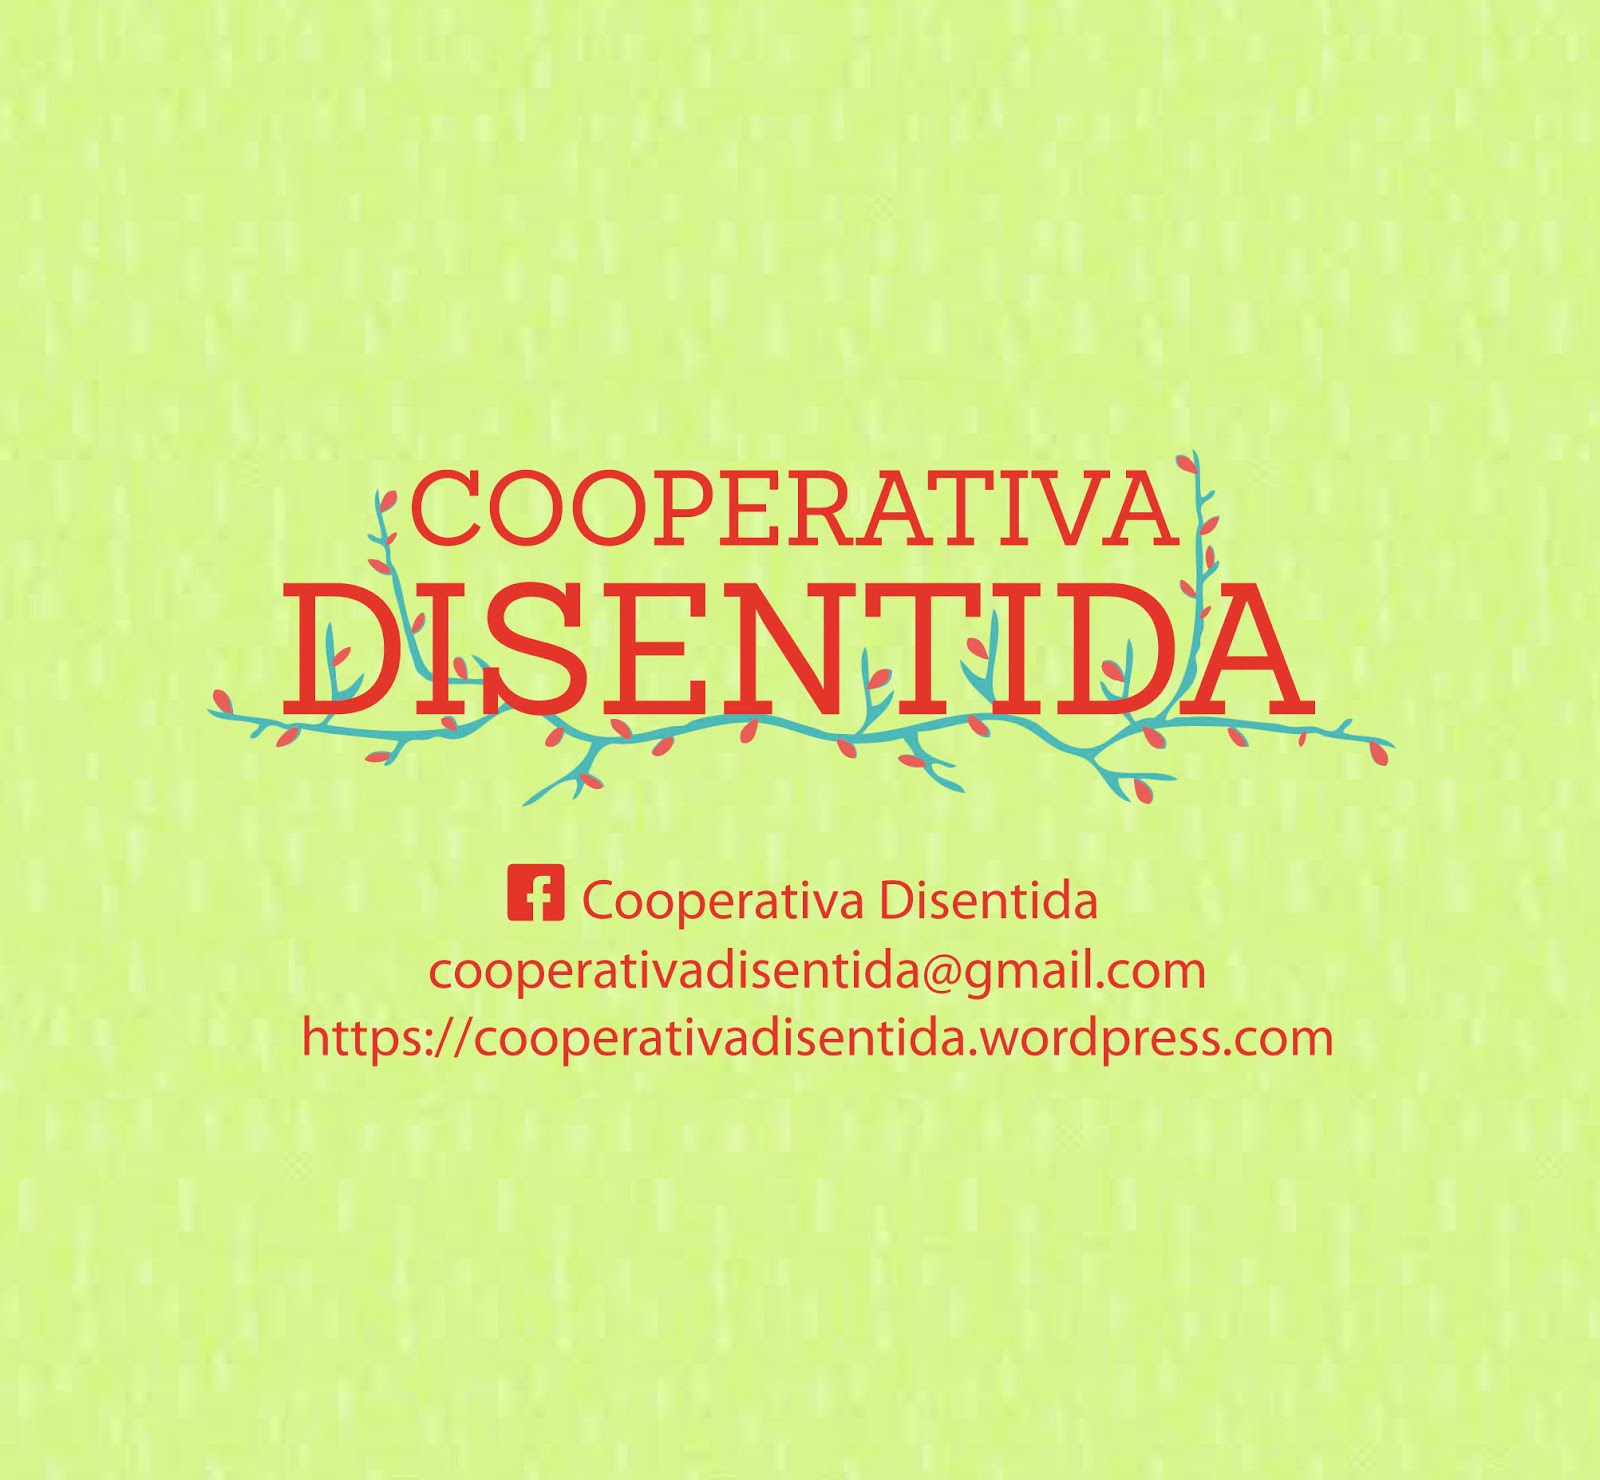 Cooperativa Disentida